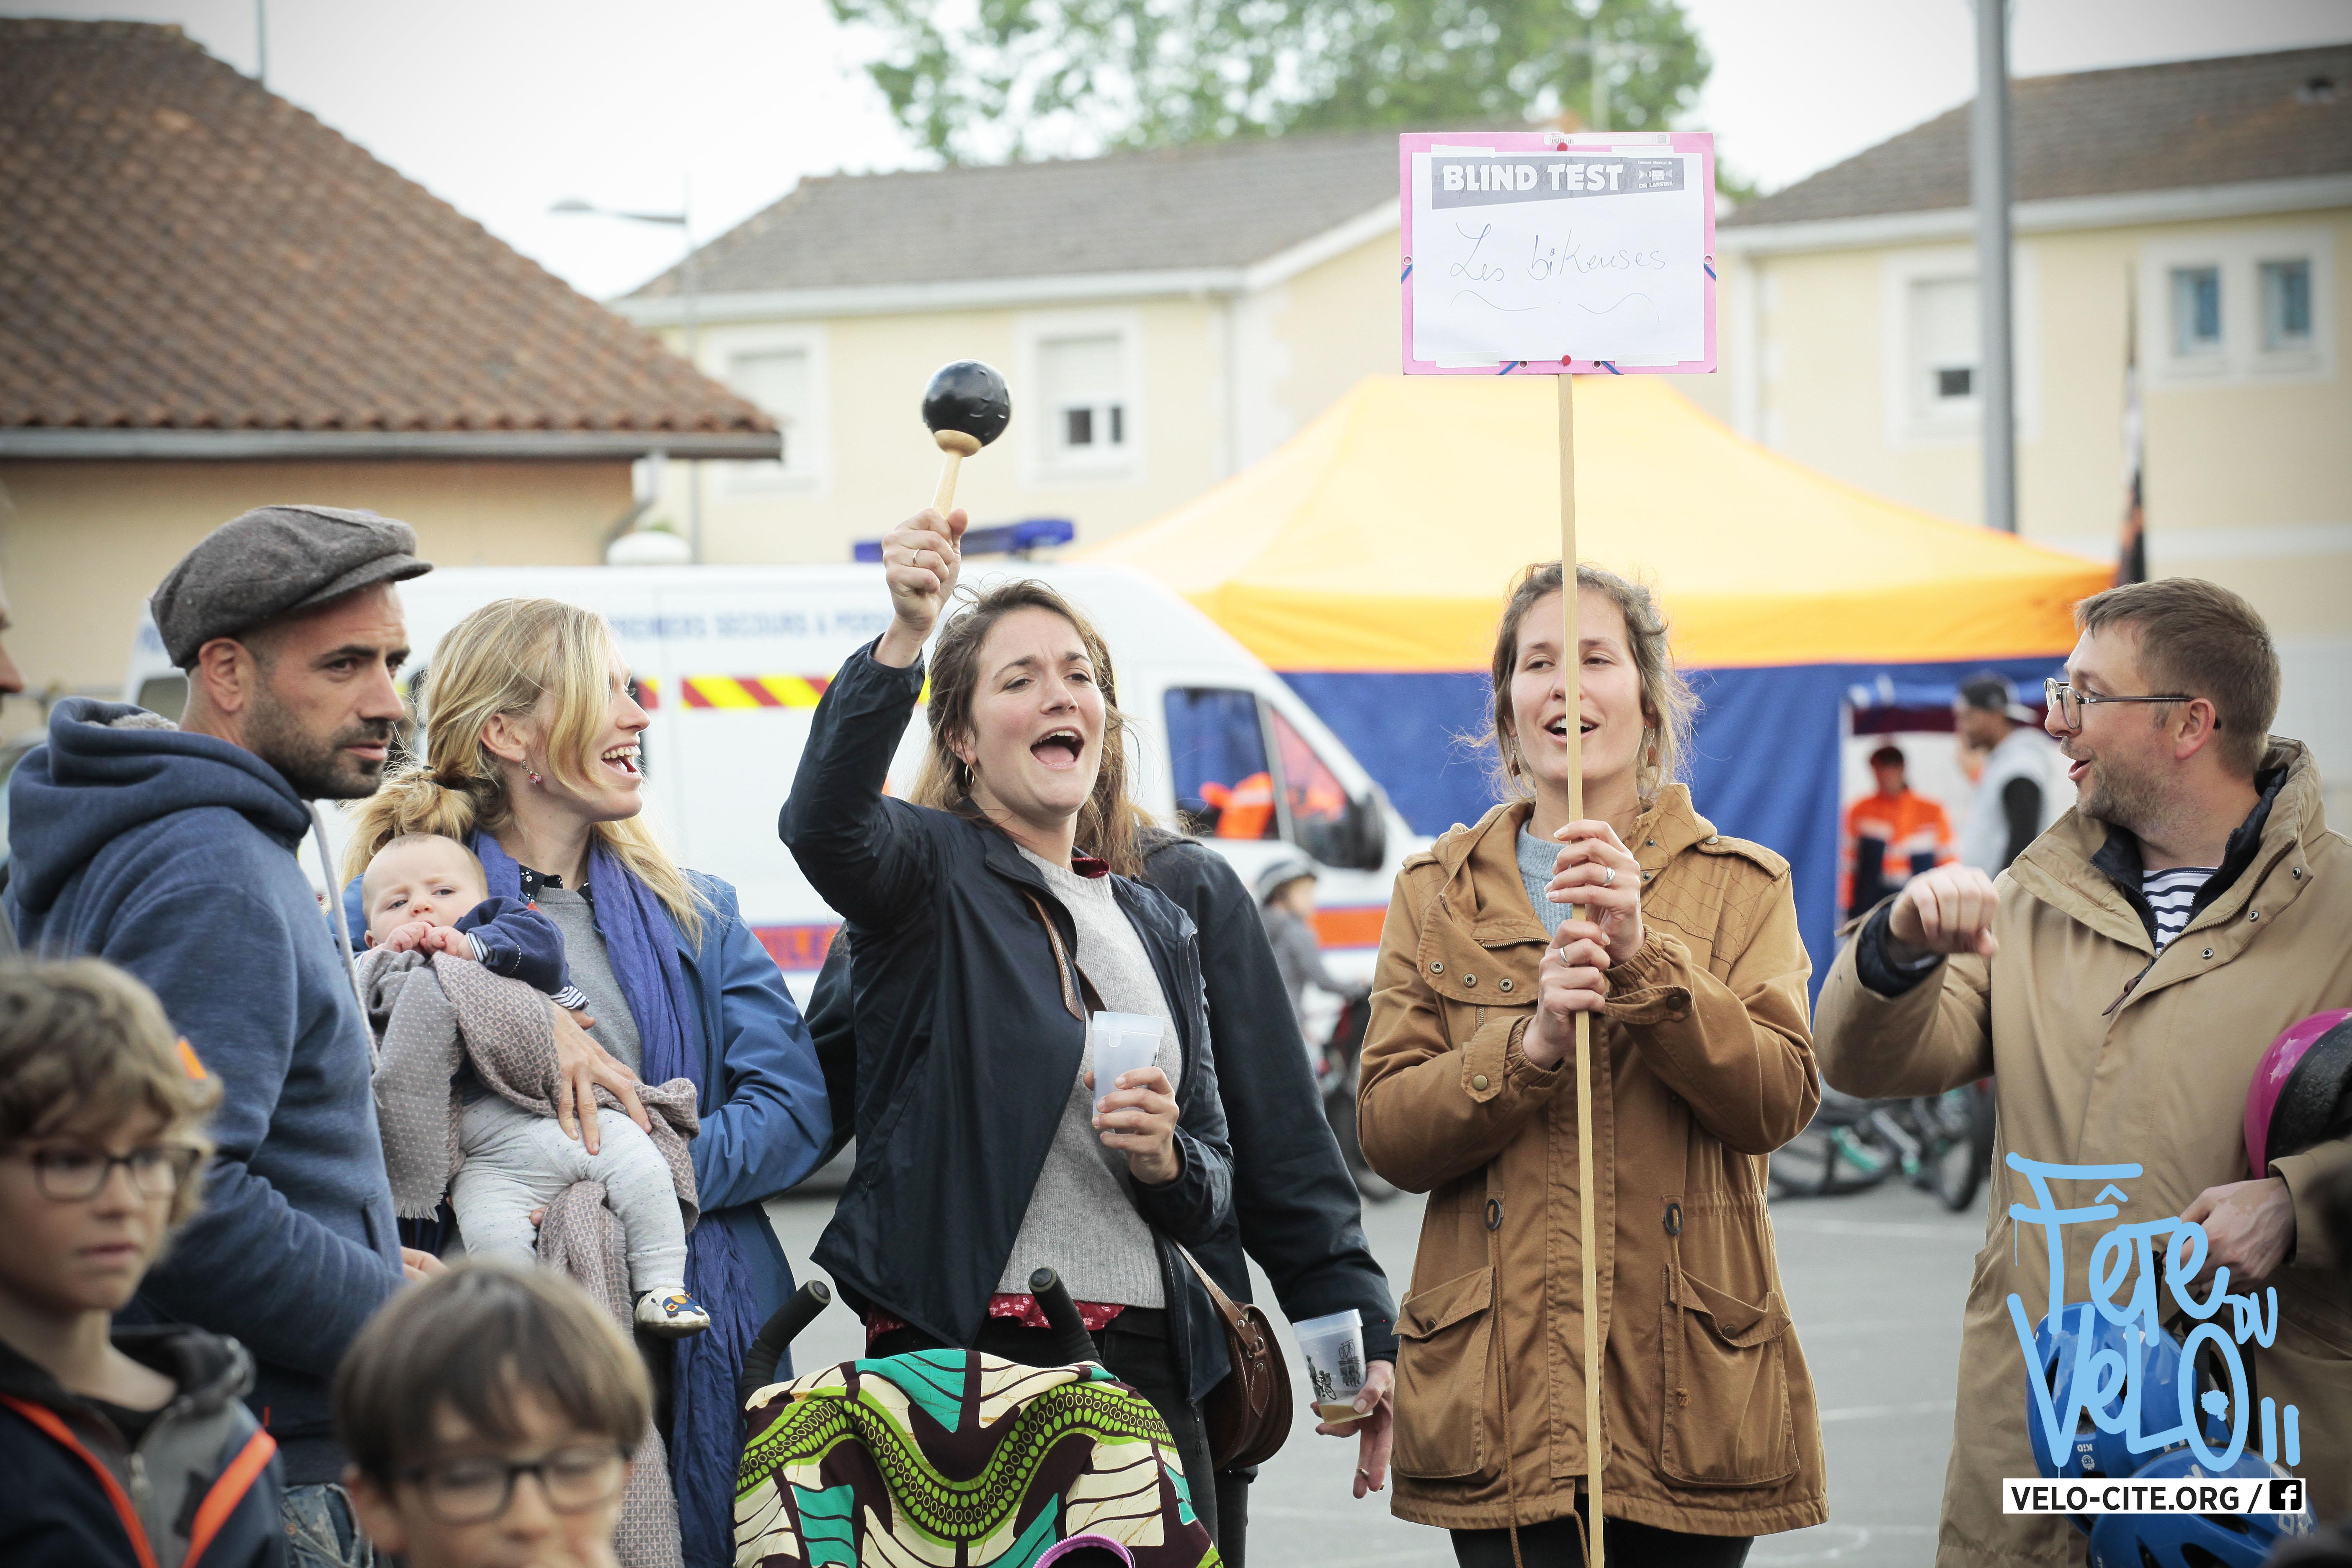 FêteDuVélo2019-VéloCité-photosSimonCASSOL257 copie